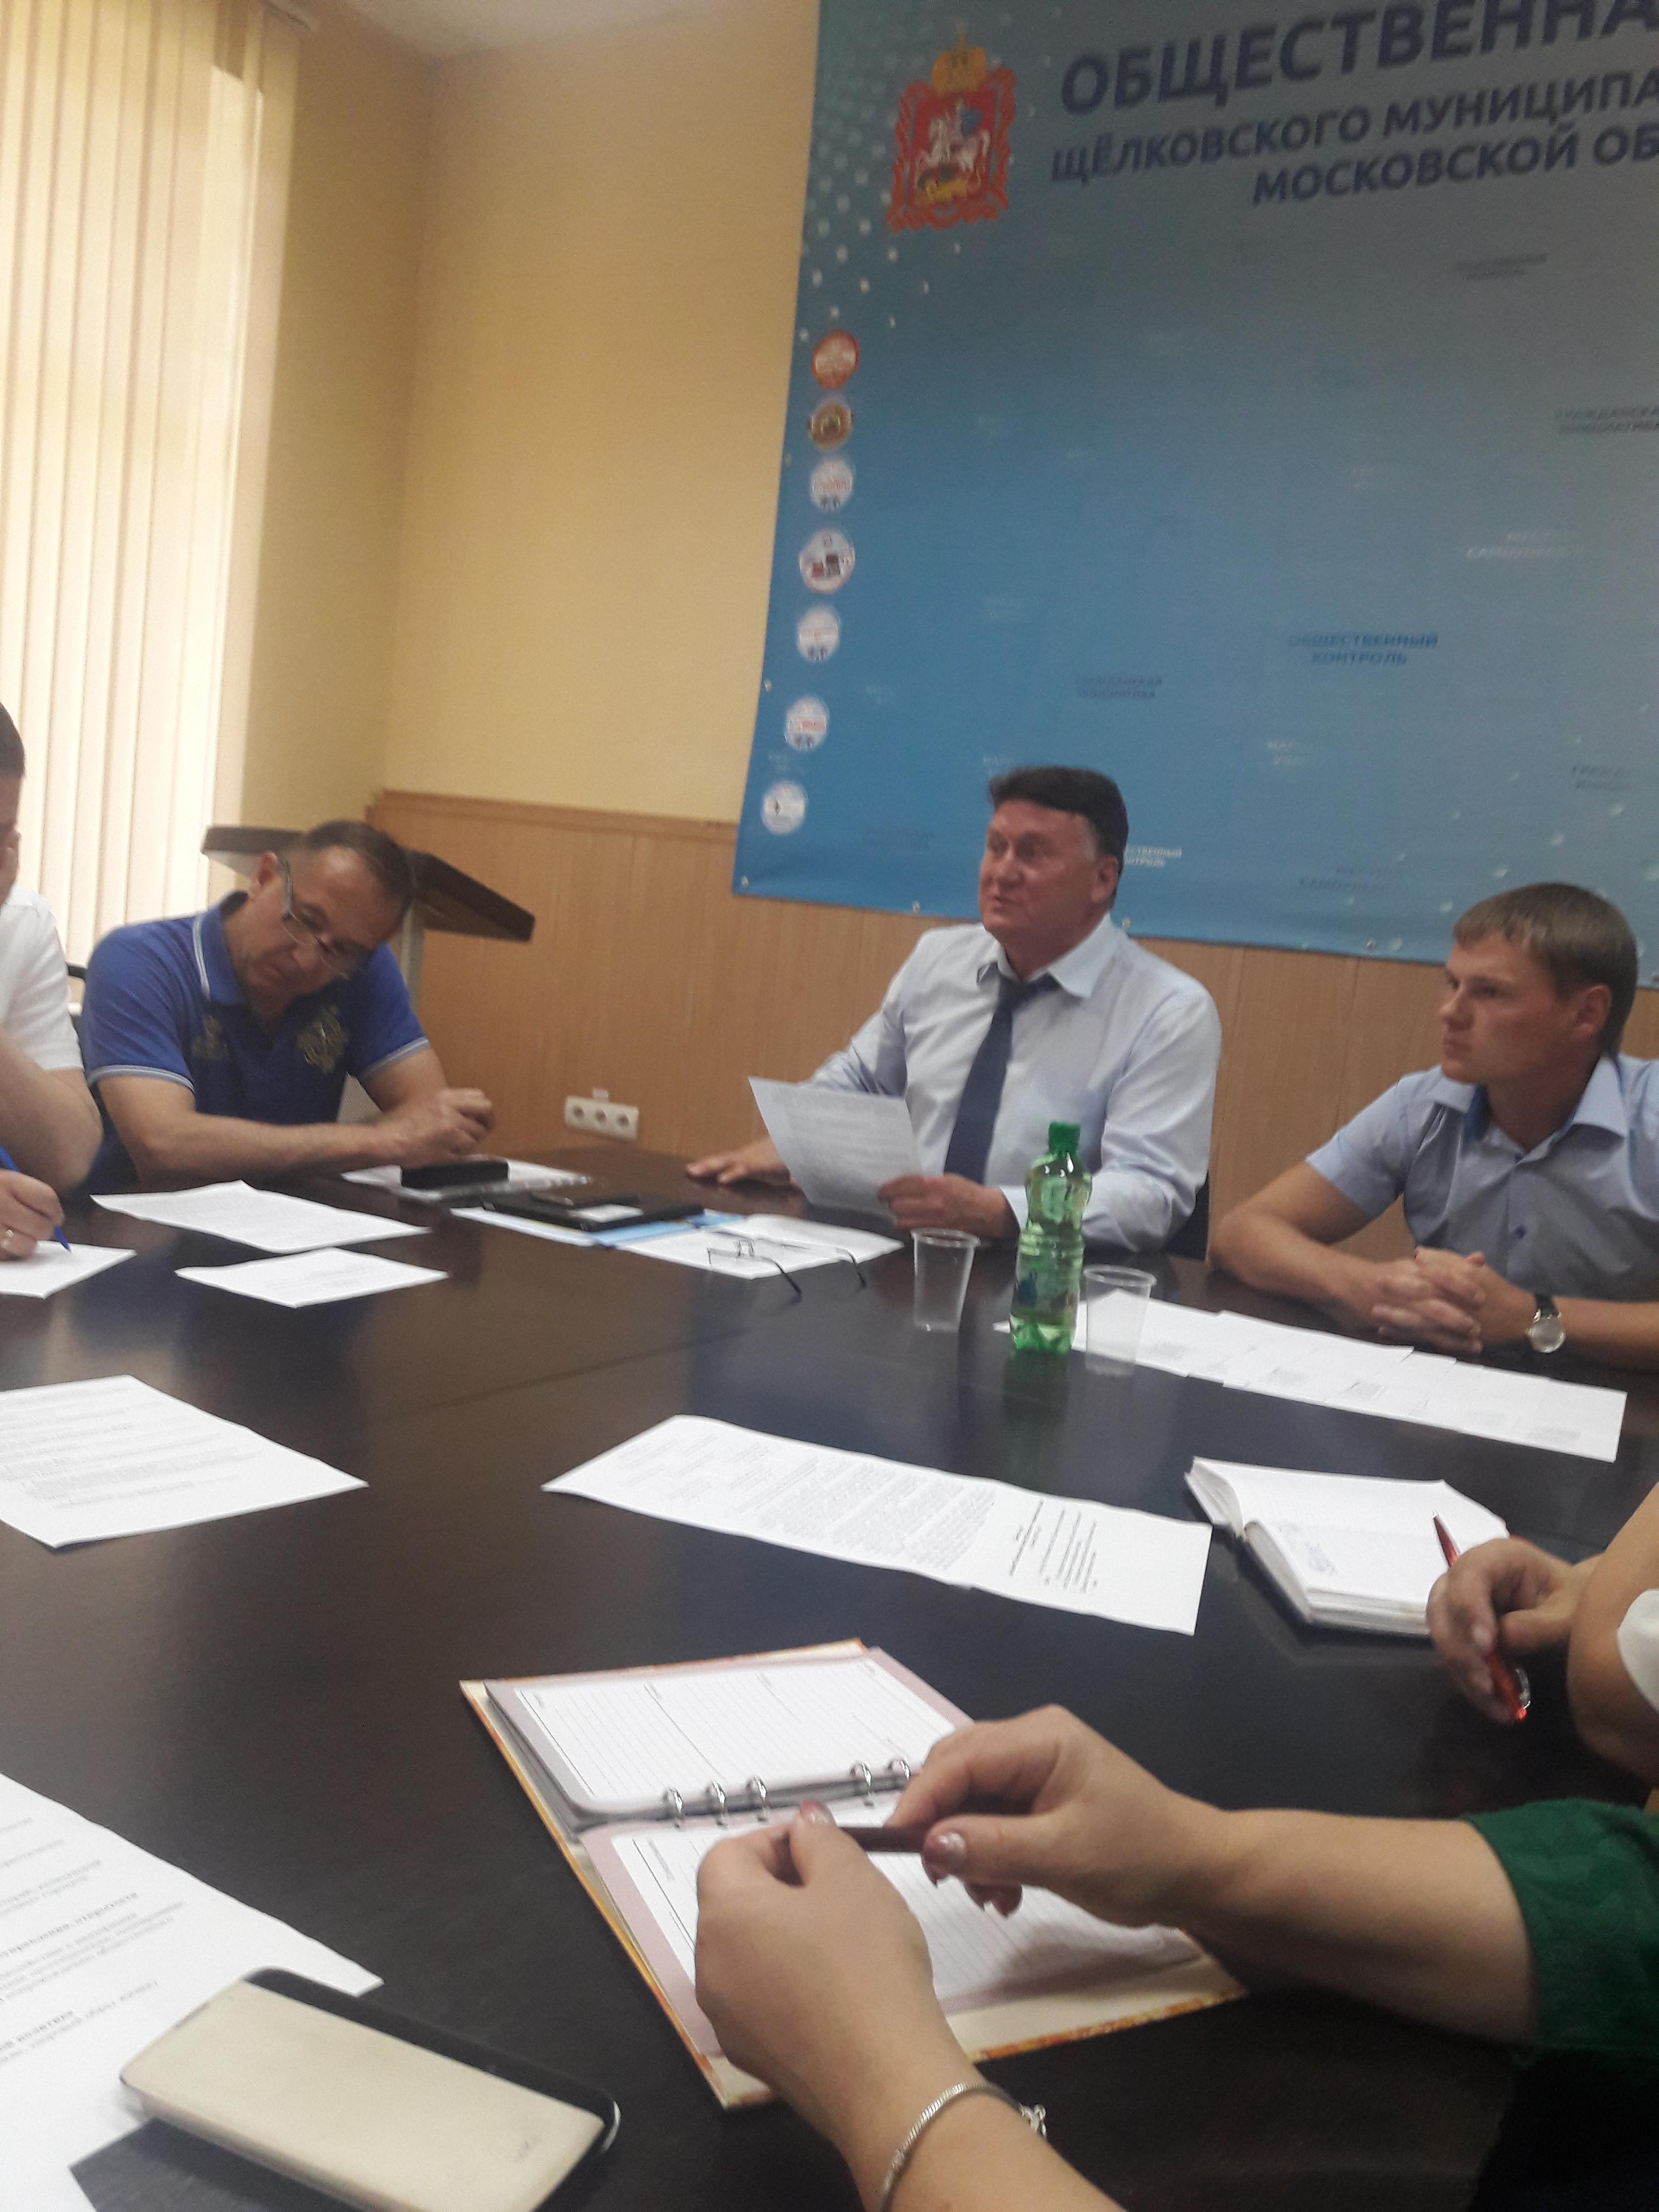 Свежие вакансии в щелковском районе работа вахтой по иркутской области от прямых работодателей свежие вакансии